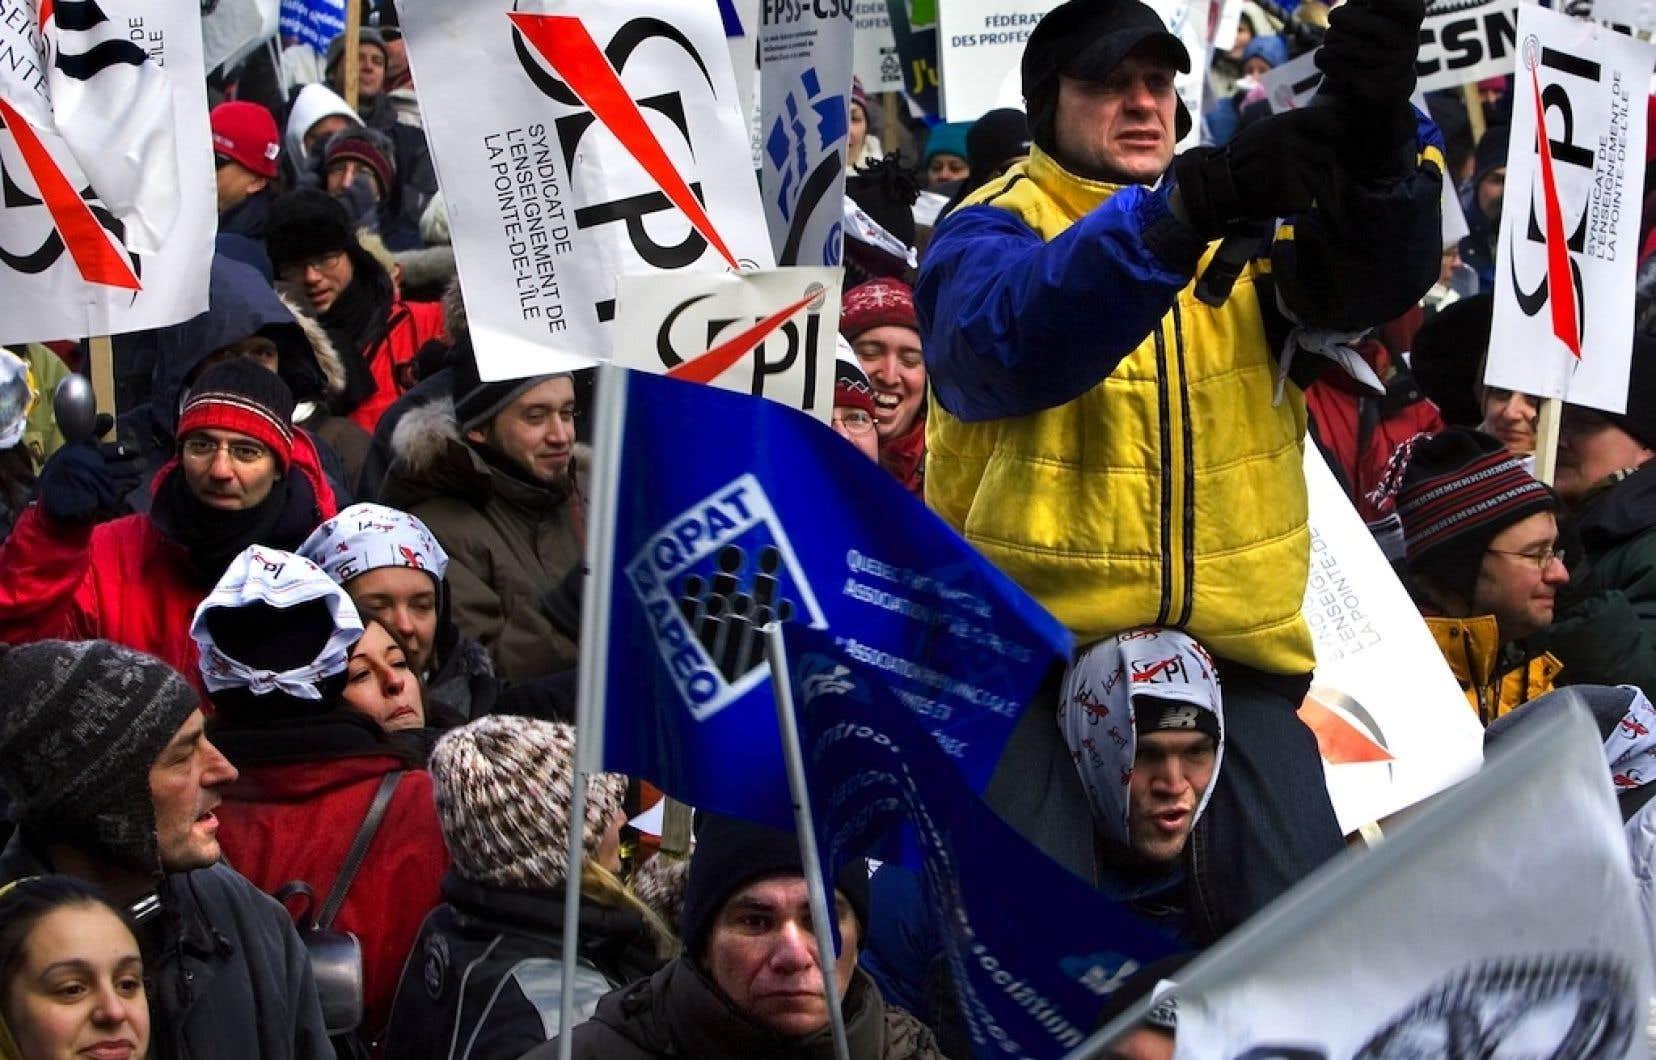 Les employés de l'État n'ont pas hésité dans le passé à manifester leur désir d'améliorer leurs conditions de travail. Photo d'une manifestation prise en 2005.